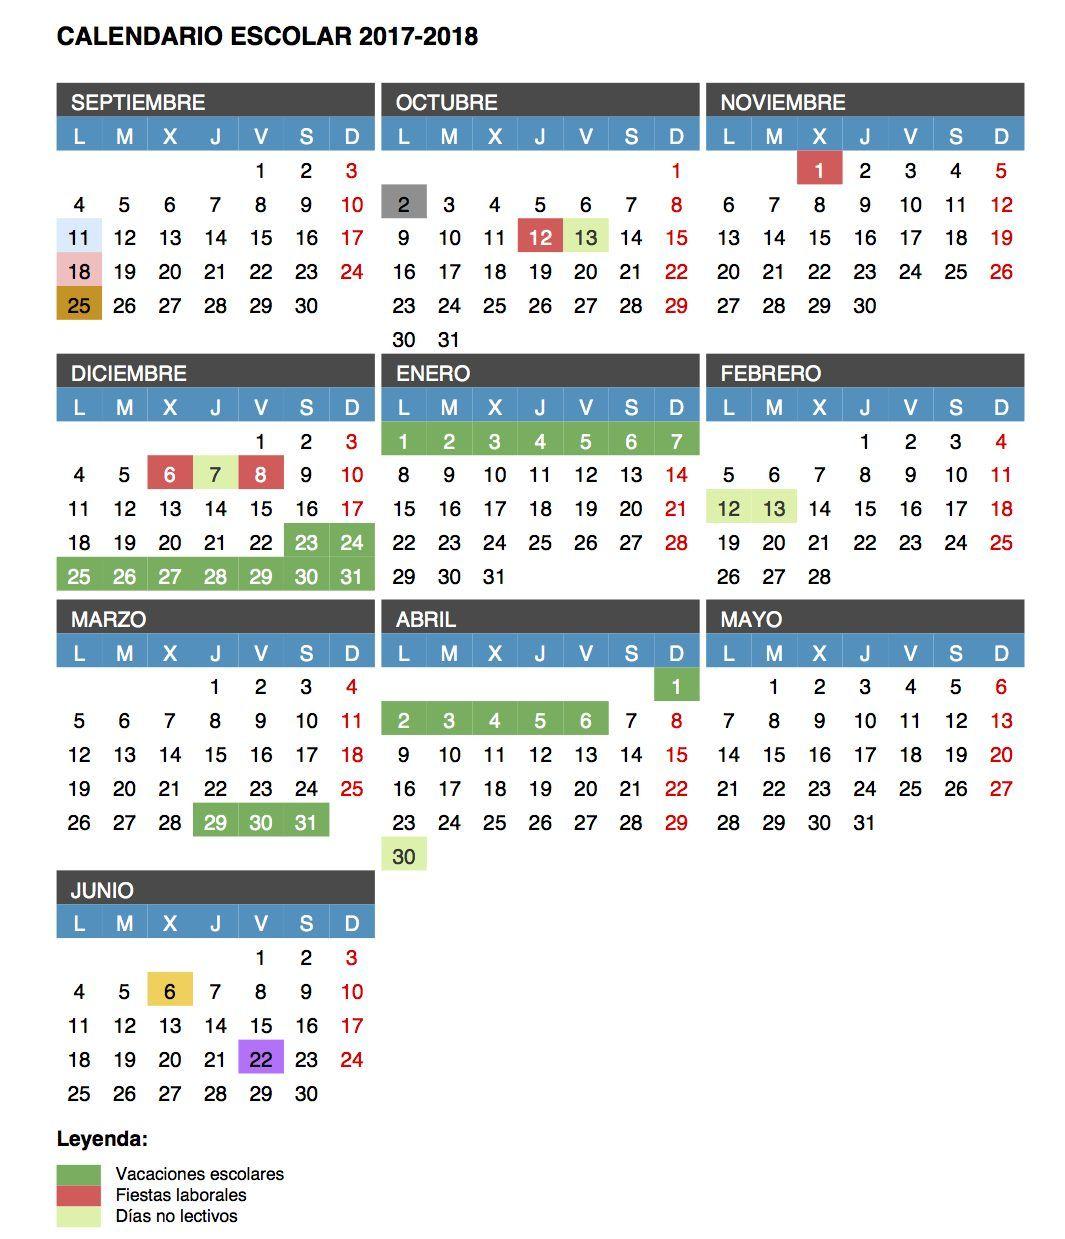 Calendario Educacyl.Calendario Escolar Curso 2017 2018